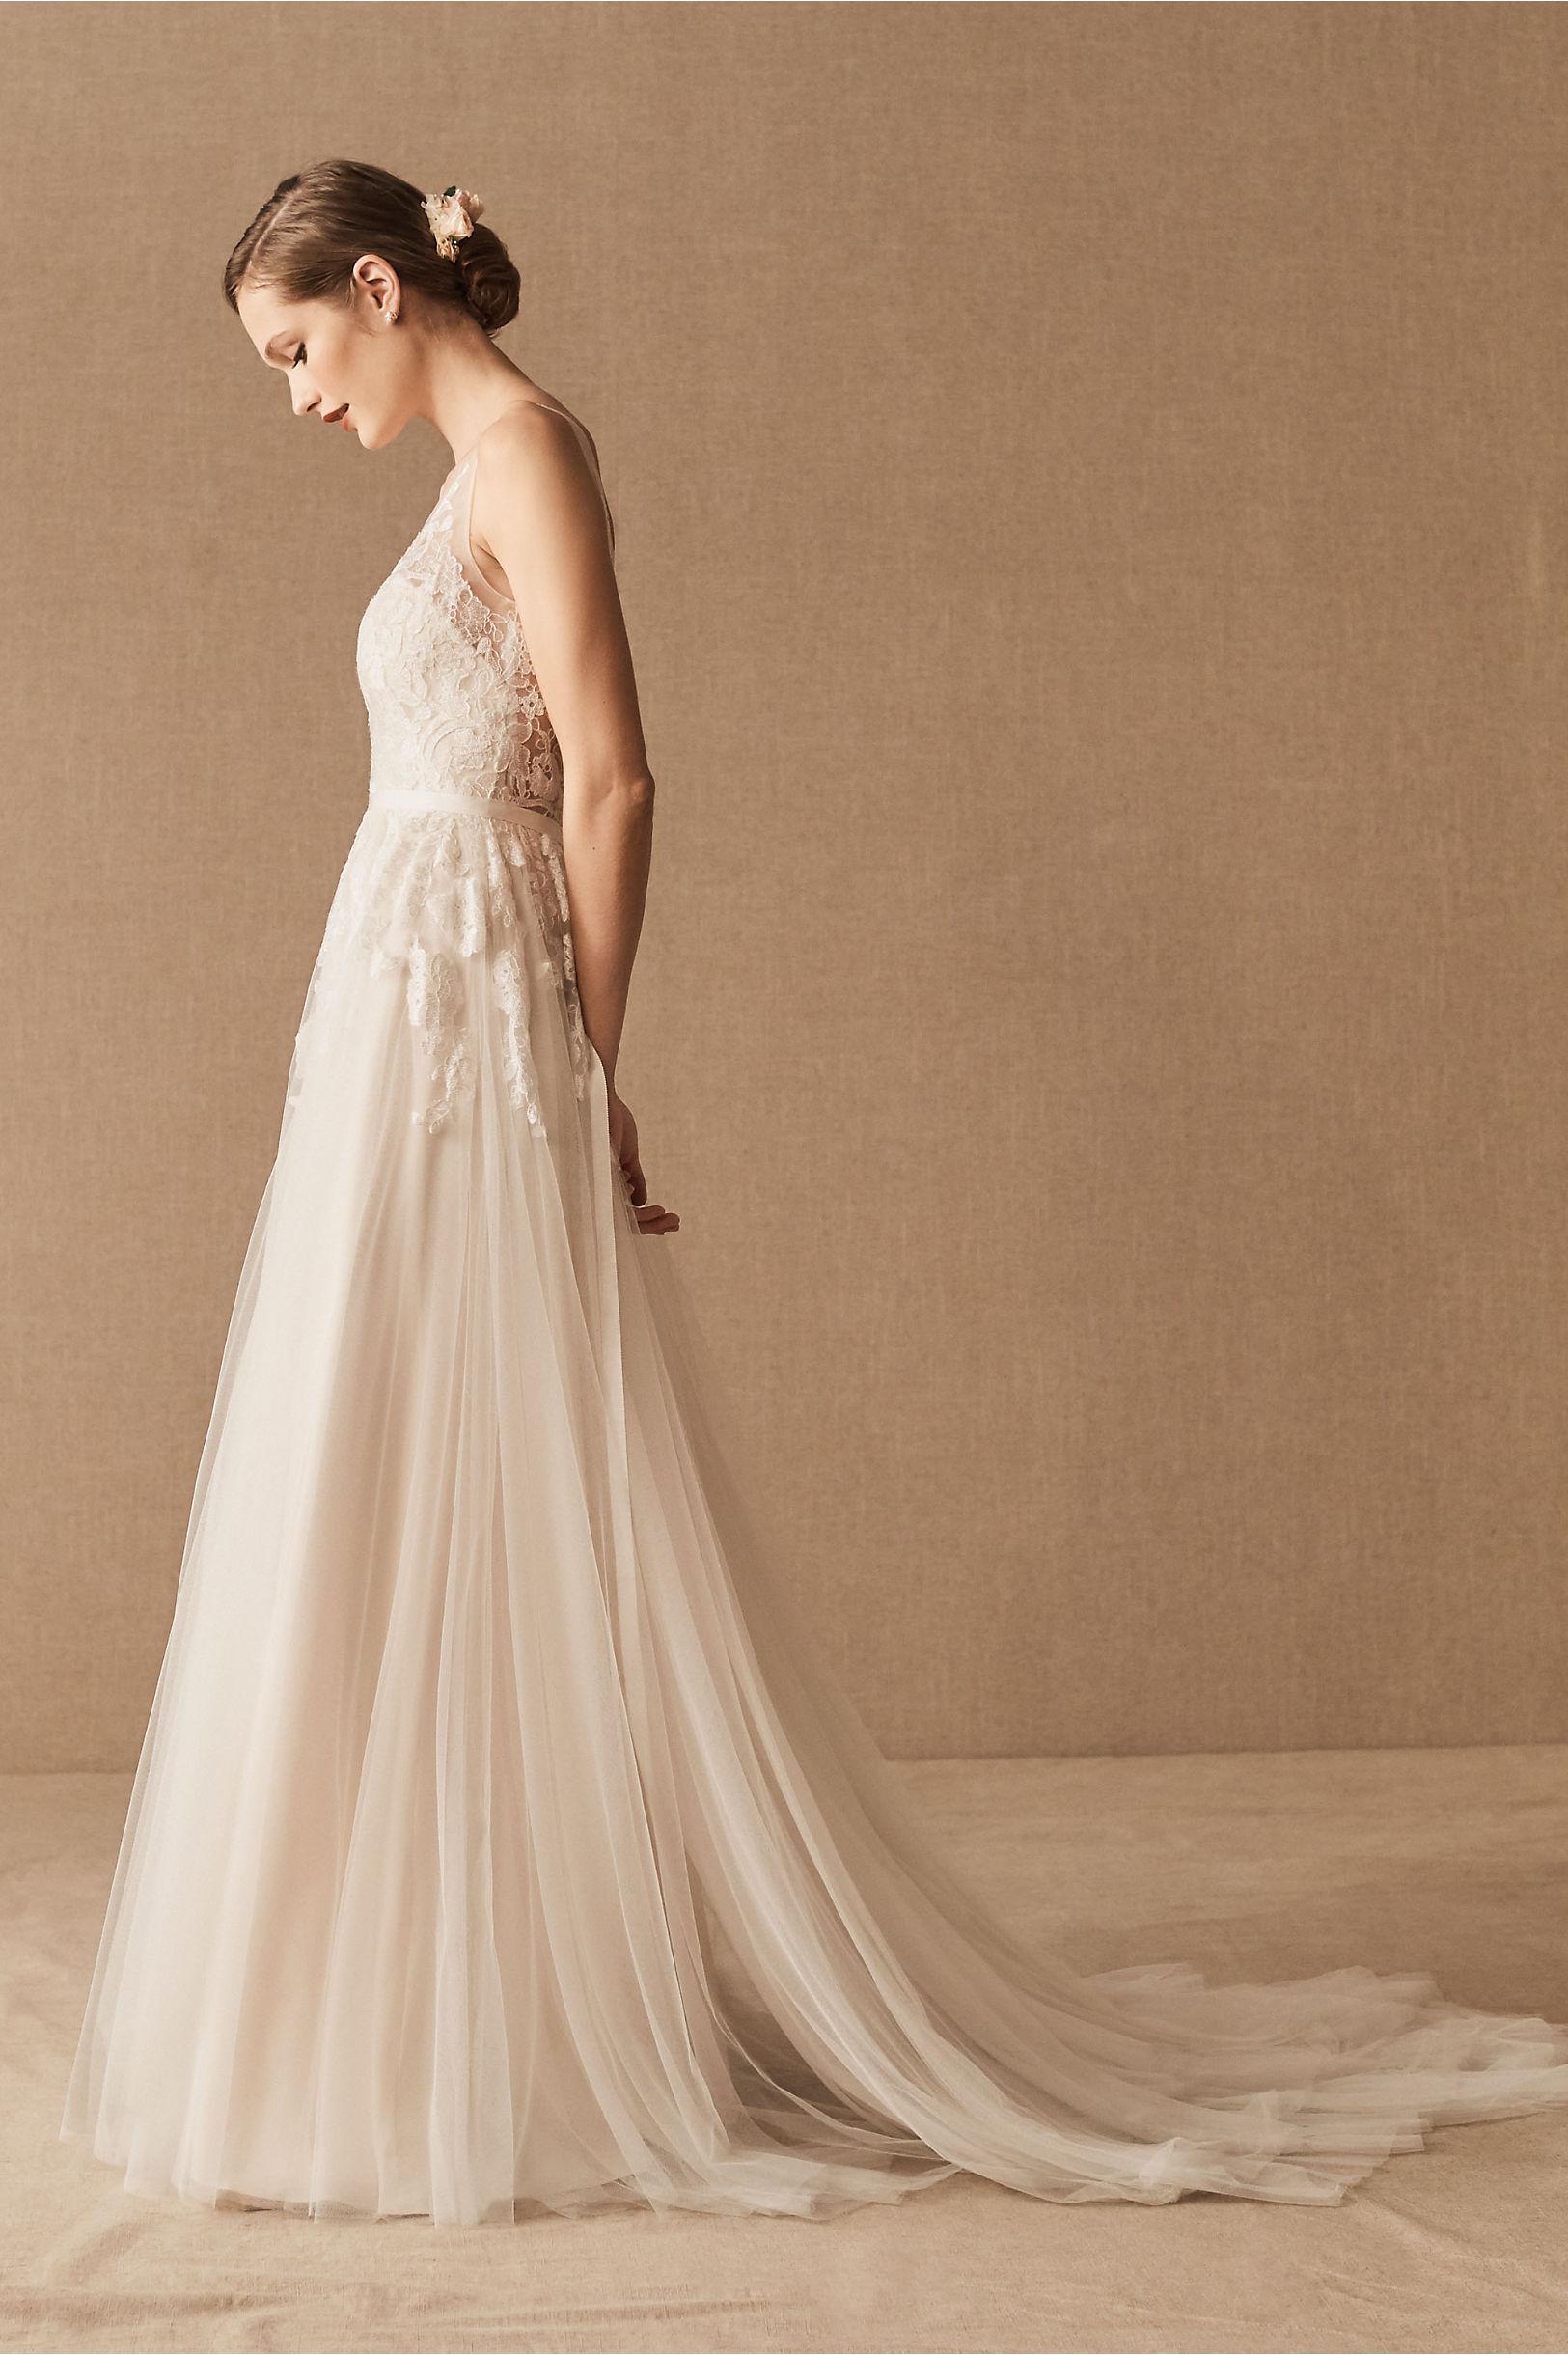 64bad3aab10 Reagan Gown   Anastasia Cape in Bride